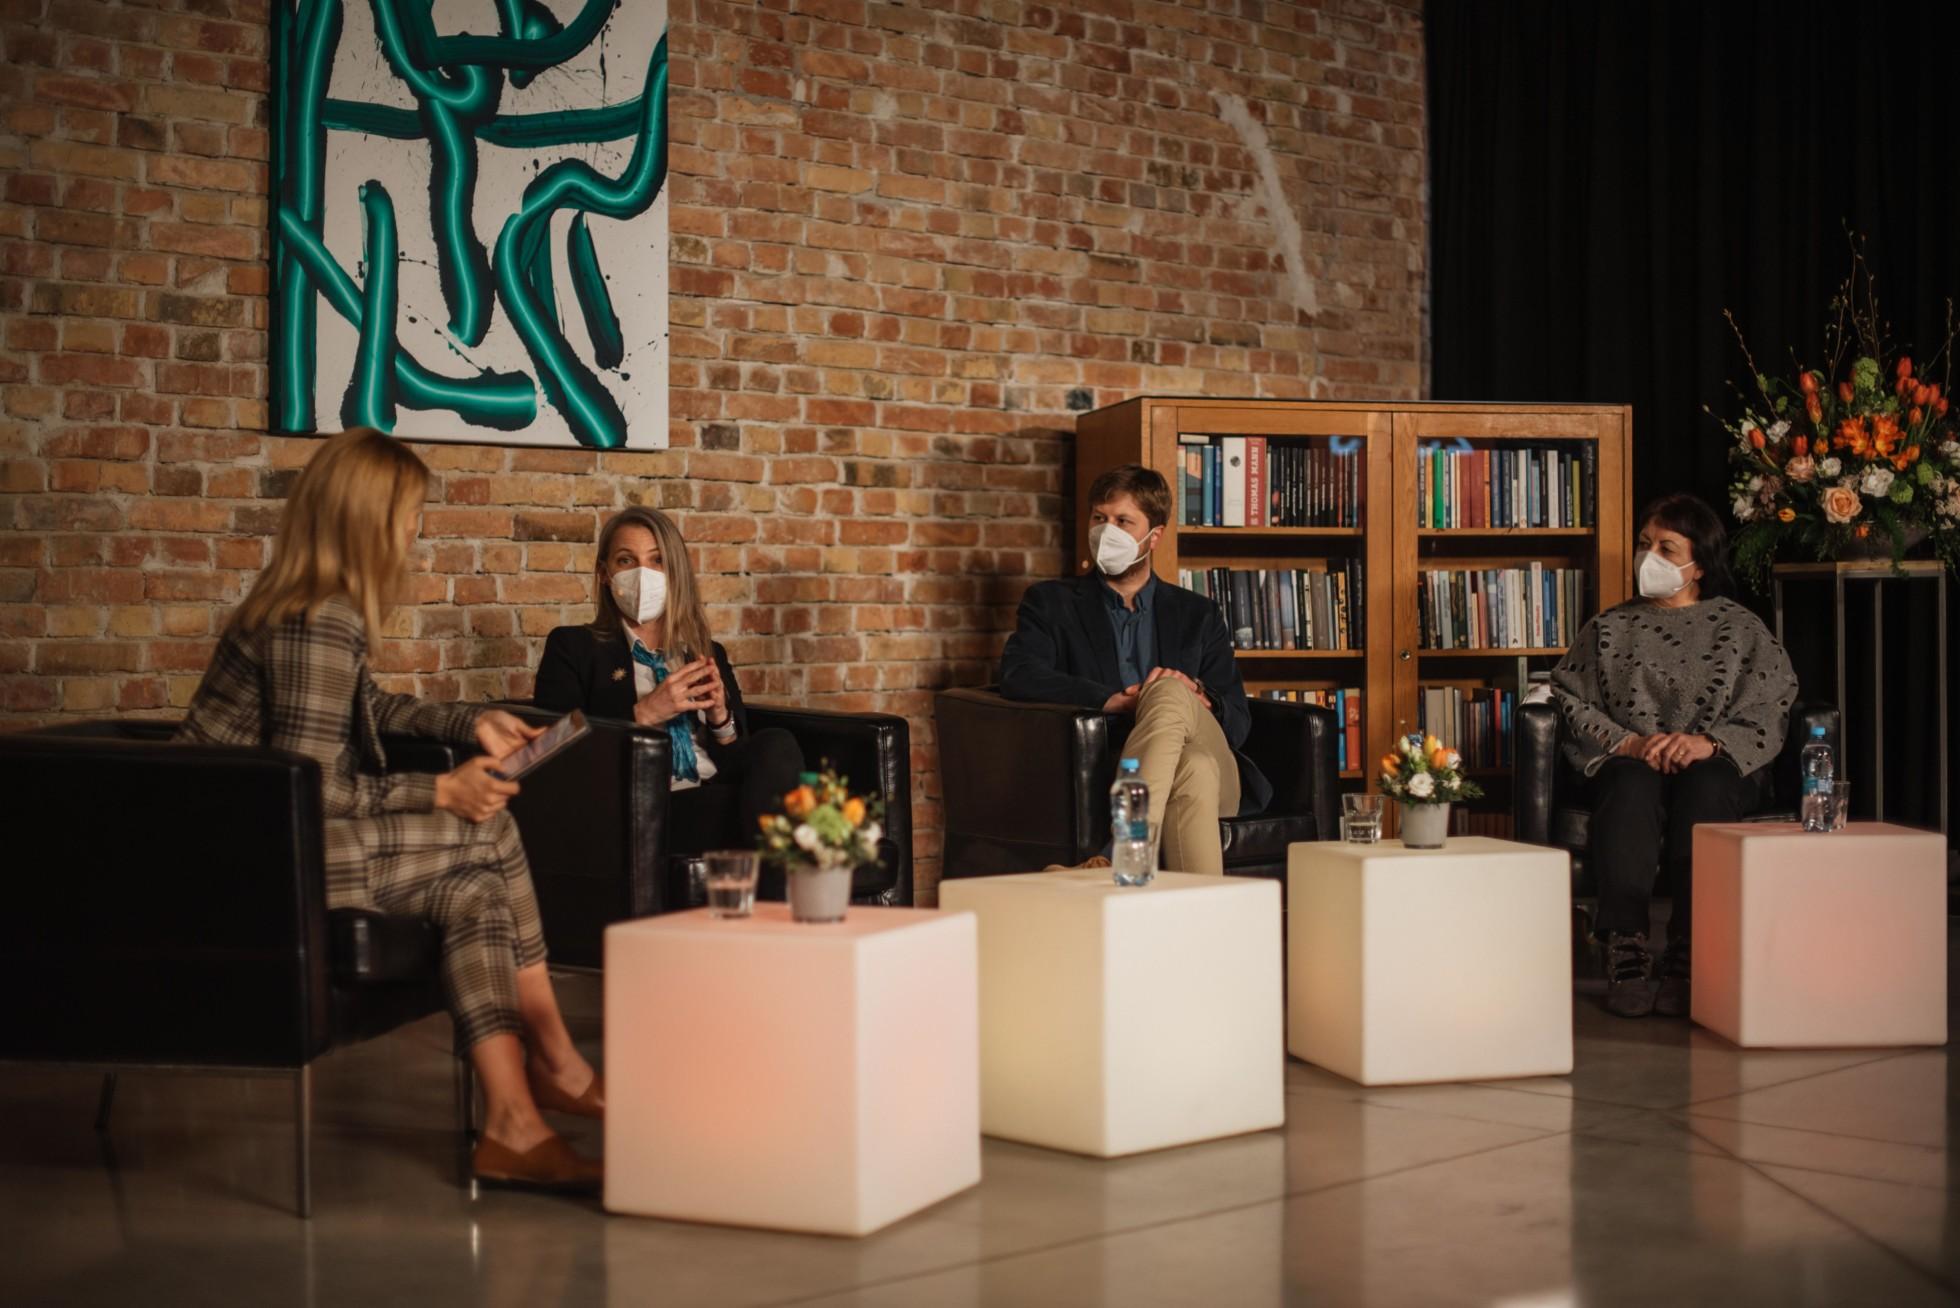 Diskusia s odborníkmi na Festivale pre dušu (zdroj: Nadácia Orange)